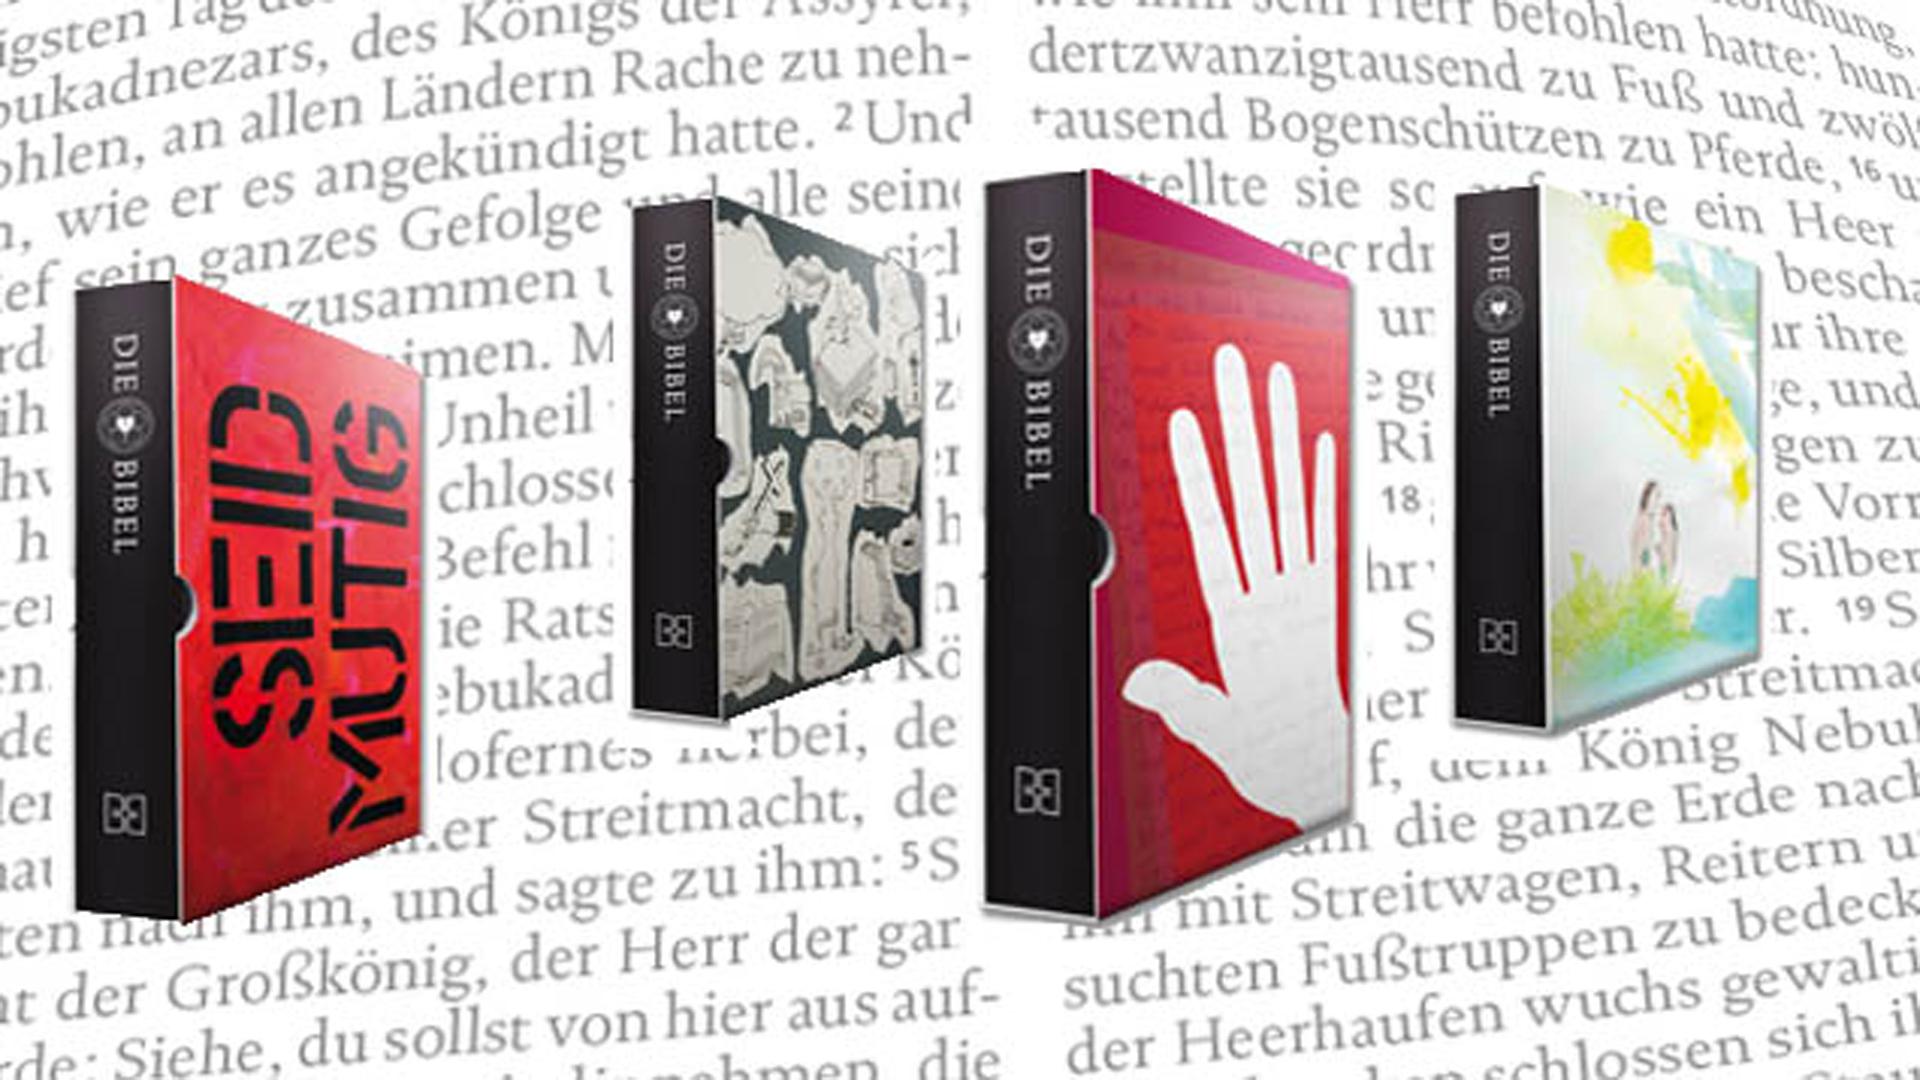 Mit dem Red Dot Design Award ausgezeichnet: Die Lutherbibel als Sammleredition im Schmuckschuber